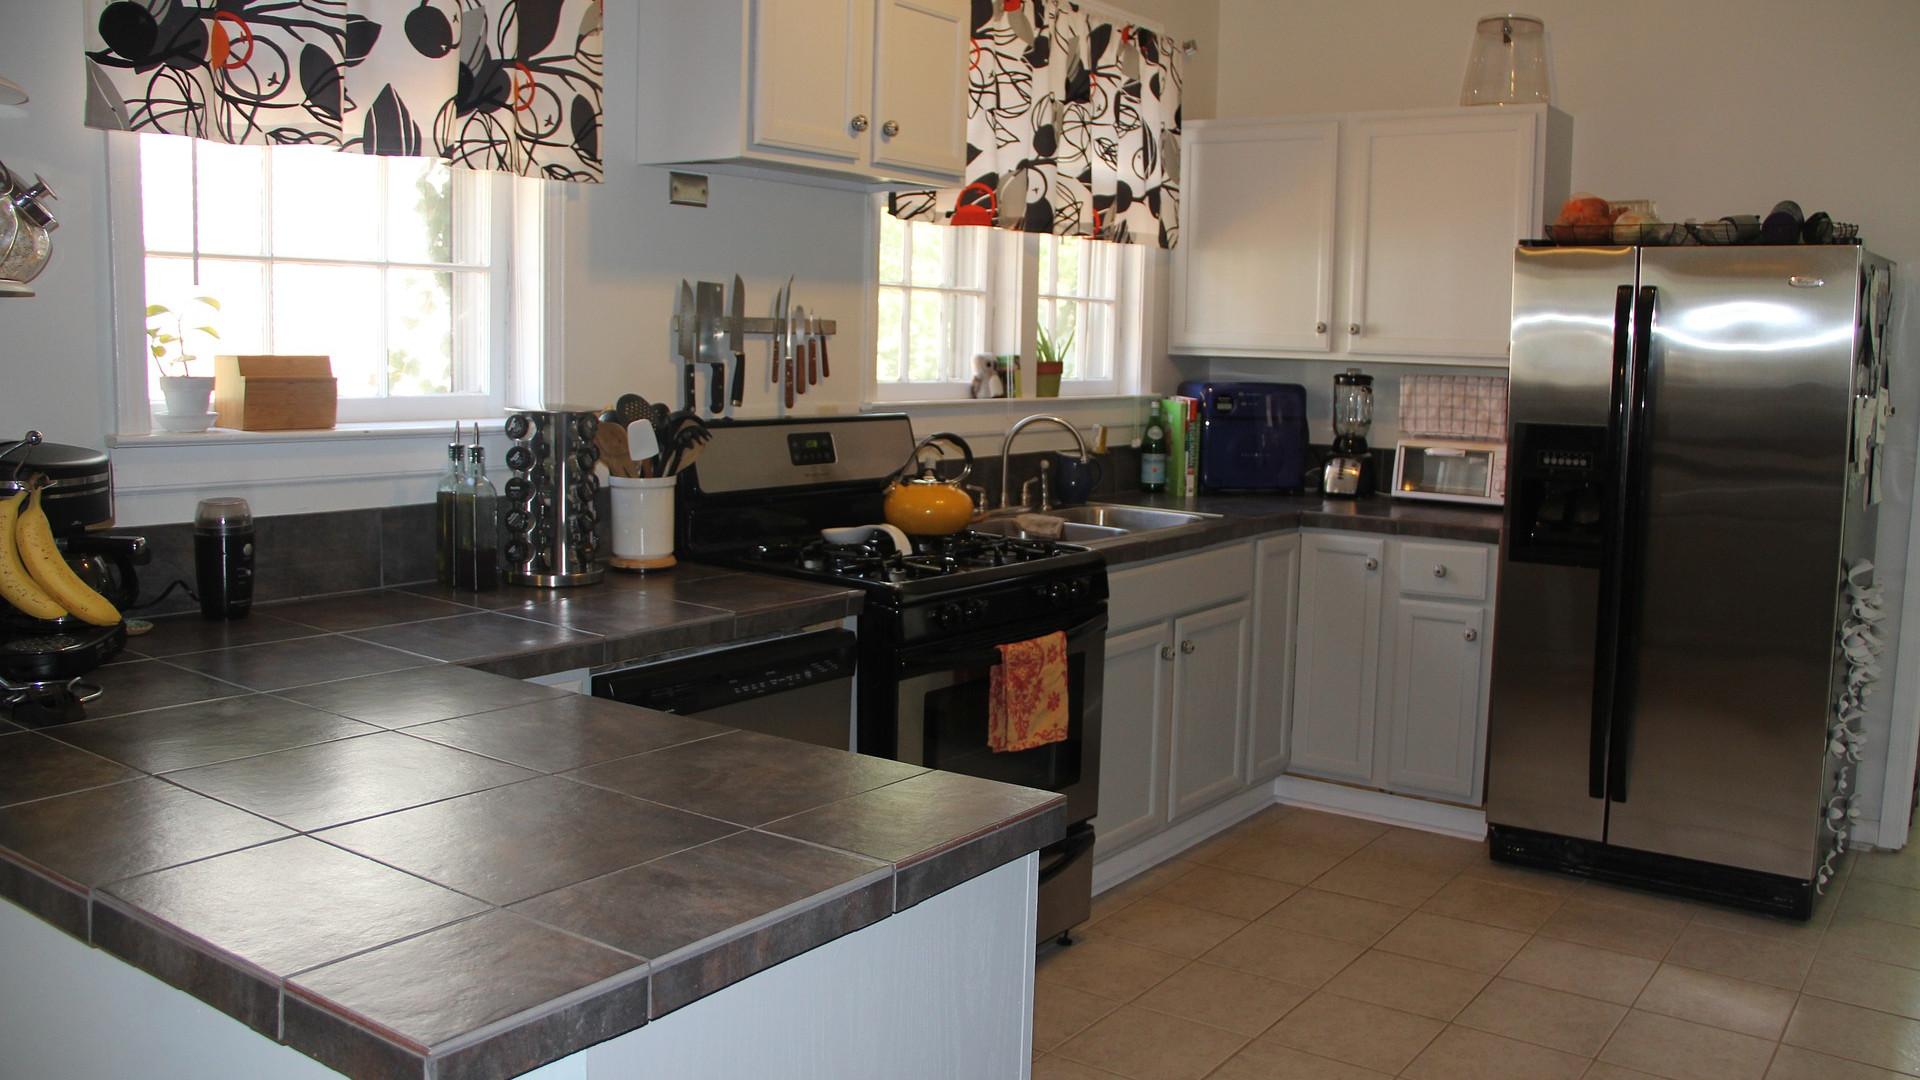 La cuisine est la première à faire l'objet d'une rénovation complète